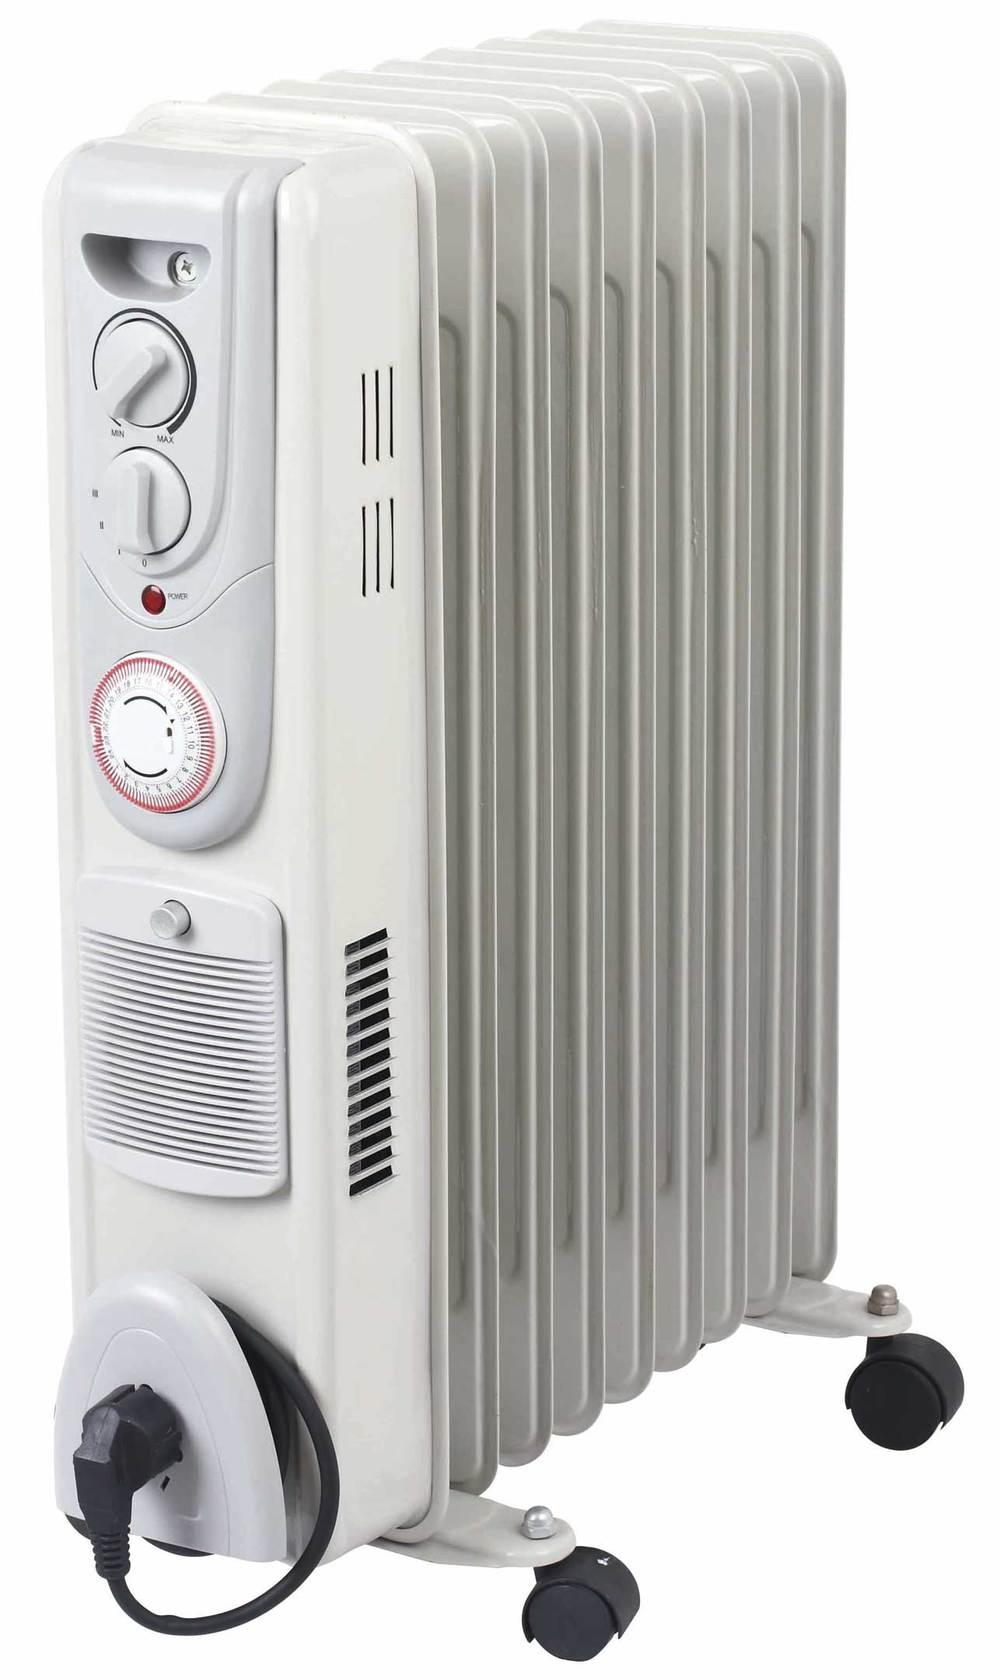 Rempli d 39 huile chauffe radiateur lectrique id de for Puissance radiateur electrique chambre